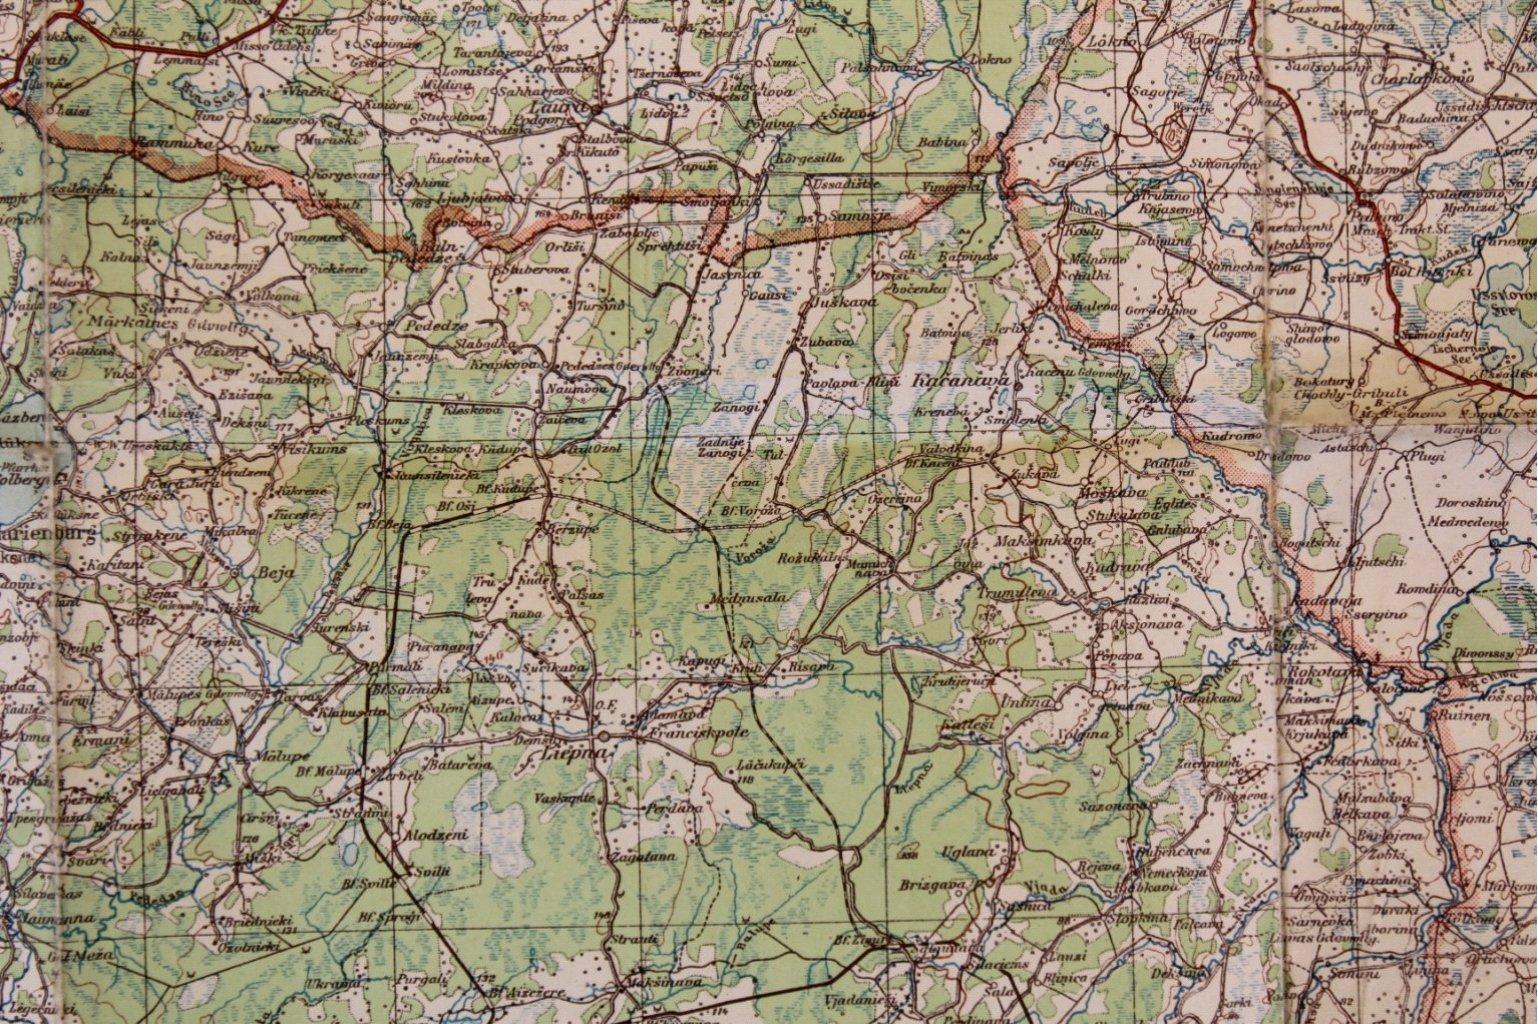 Kartennachlass Brückenbaustab 1, Brückenbau-Bataillon 683-8